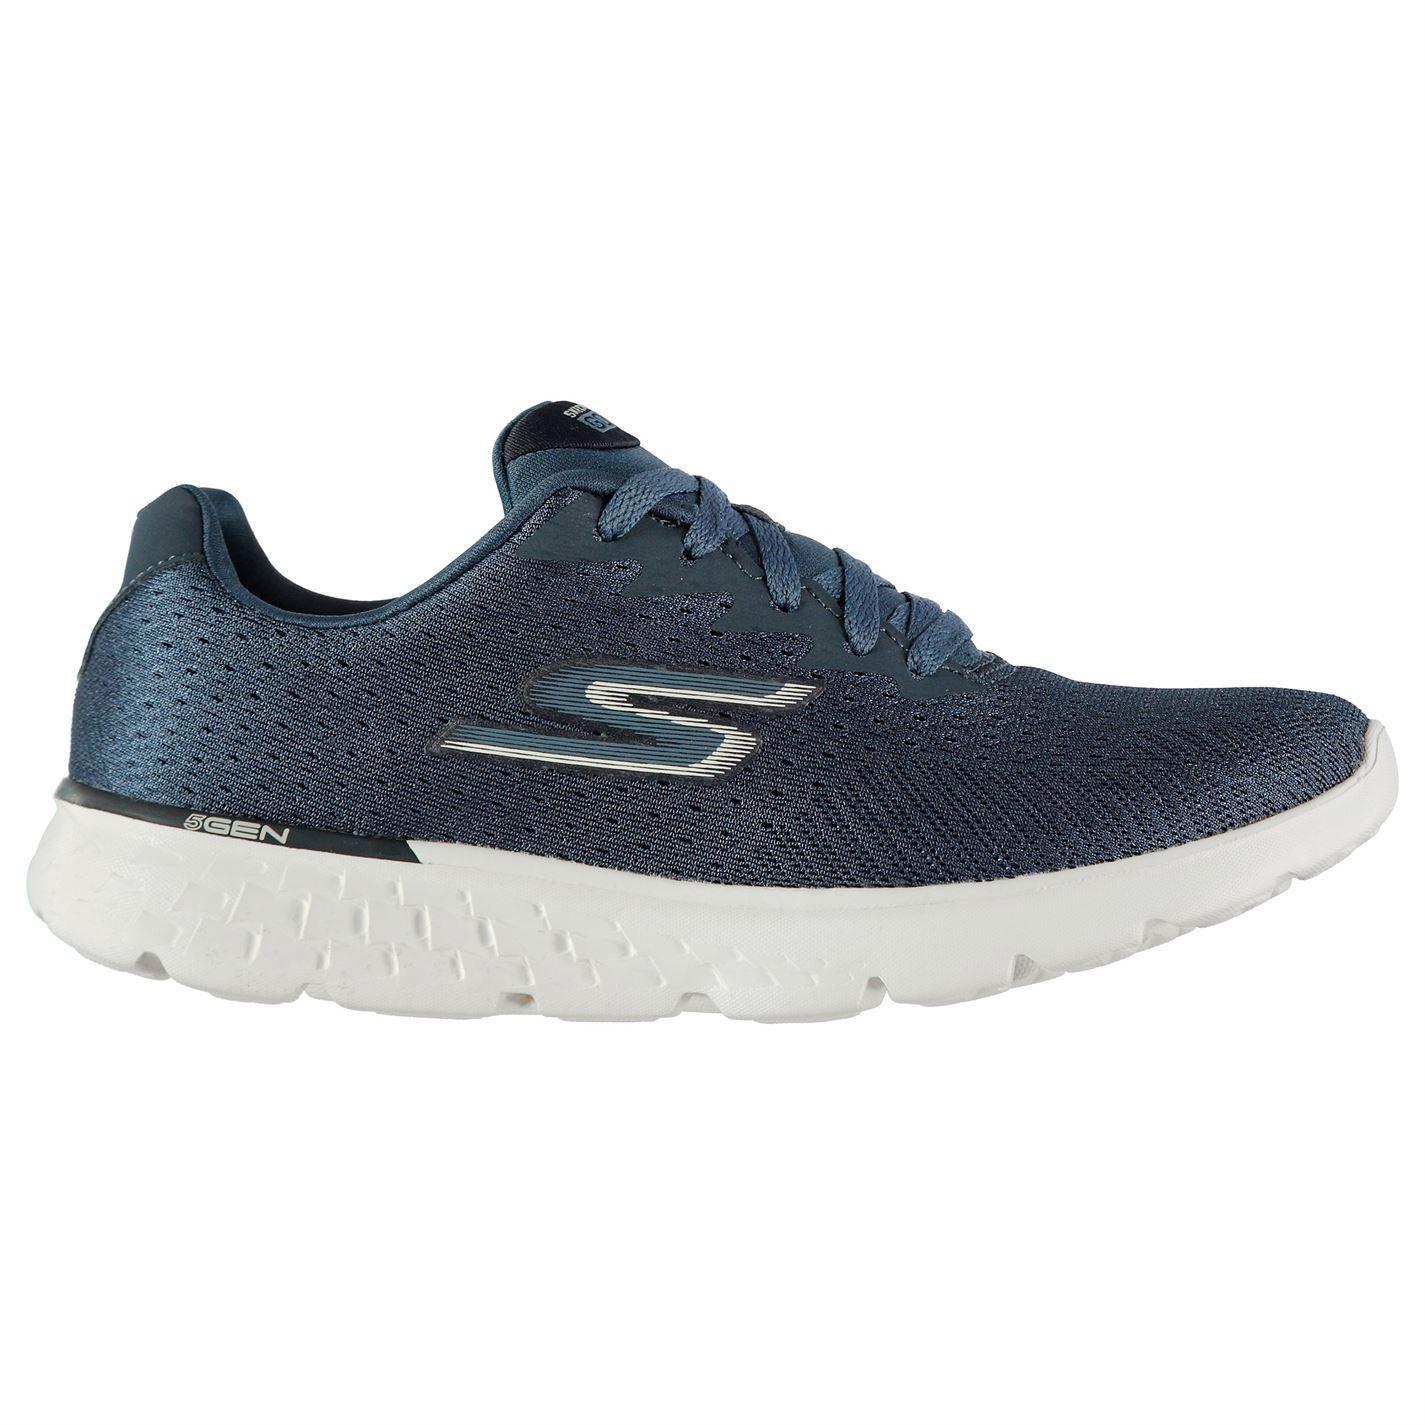 Dettagli su Skechers Go Run 400 Scarpe da ginnastica donna scarpe calzature  da donna- mostra il titolo originale